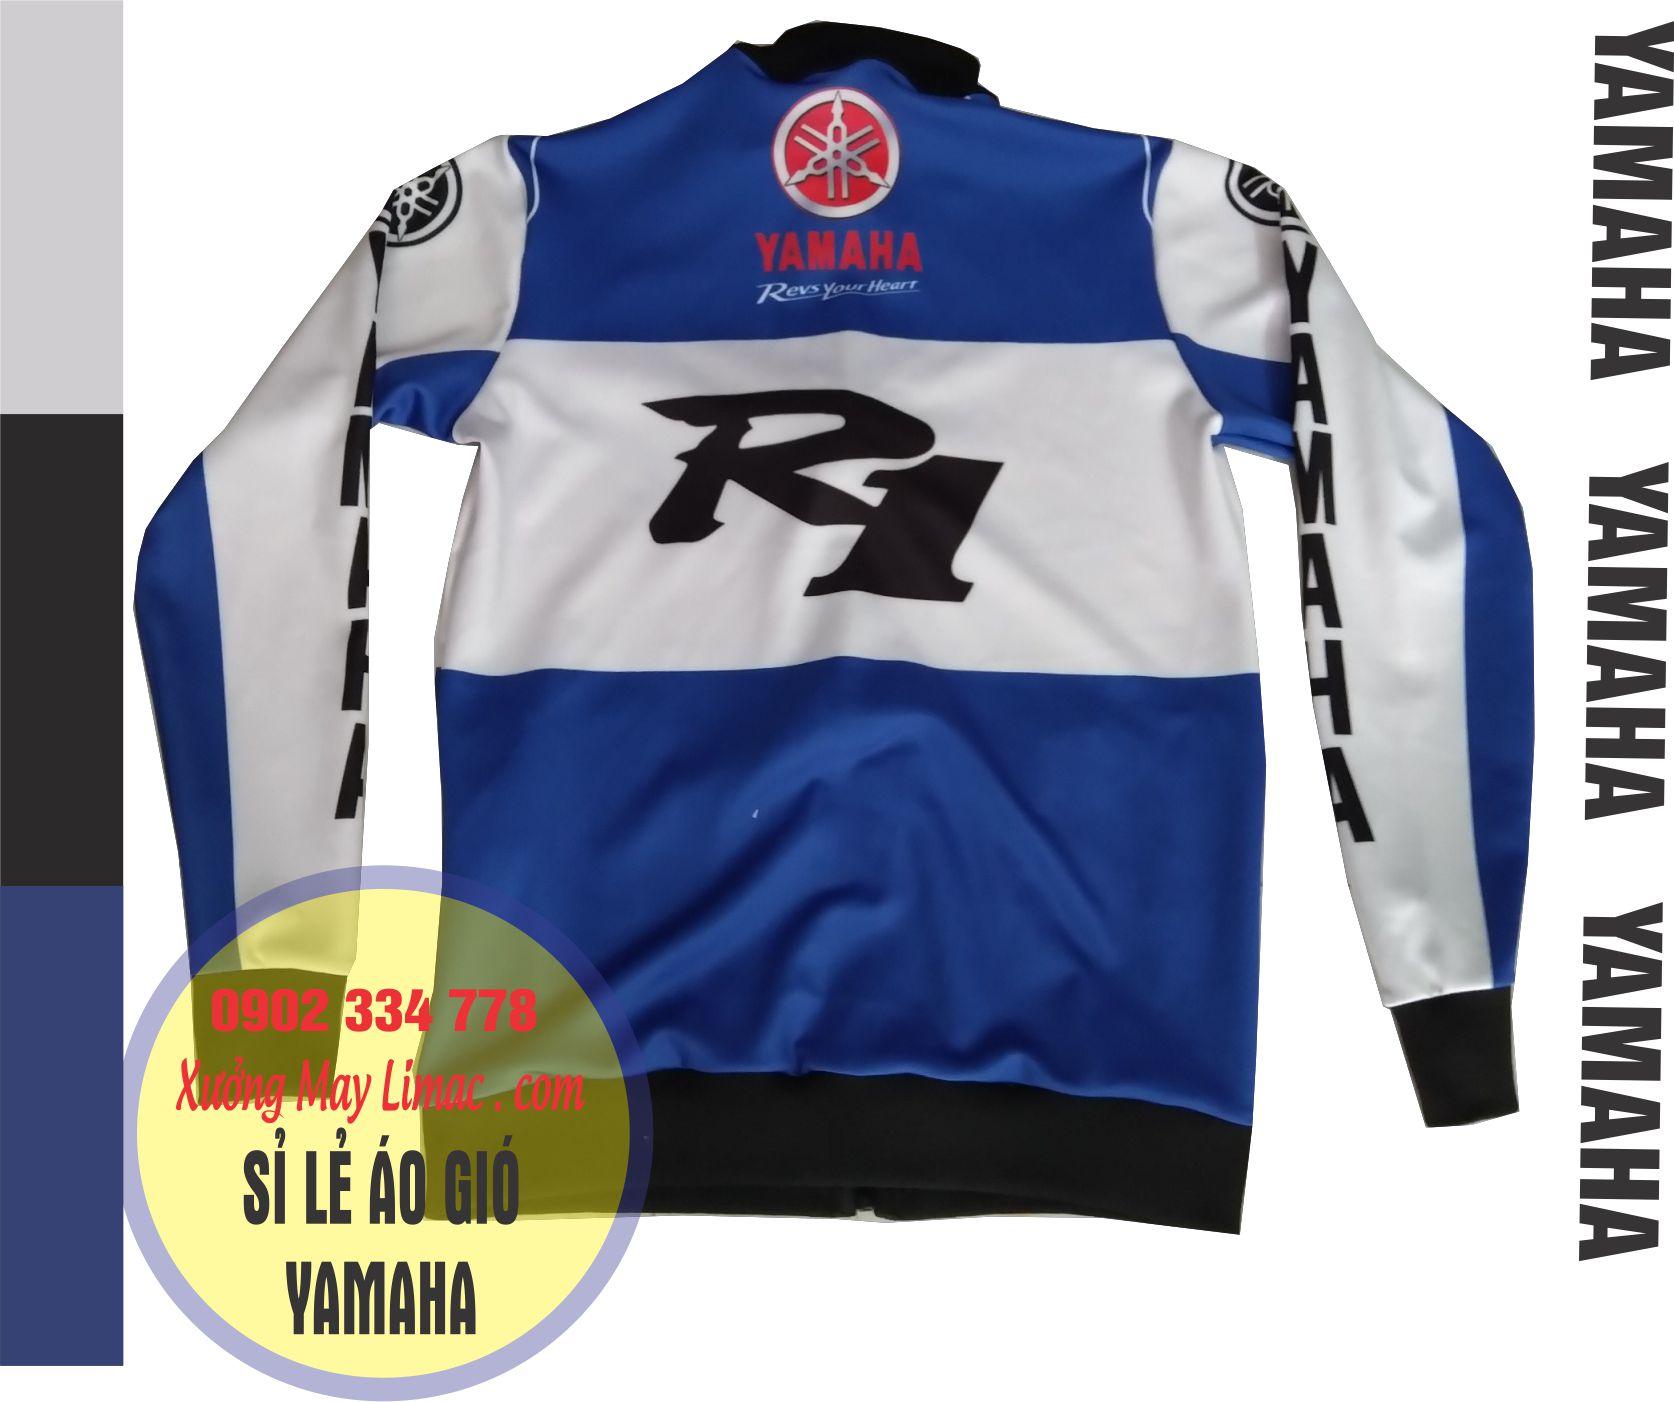 Chuyên nhận may và cung cấp áo khoác Yamaha, áo gió Yamaha, nhận hợp đồng may áo khoác gió theo yêu cầu